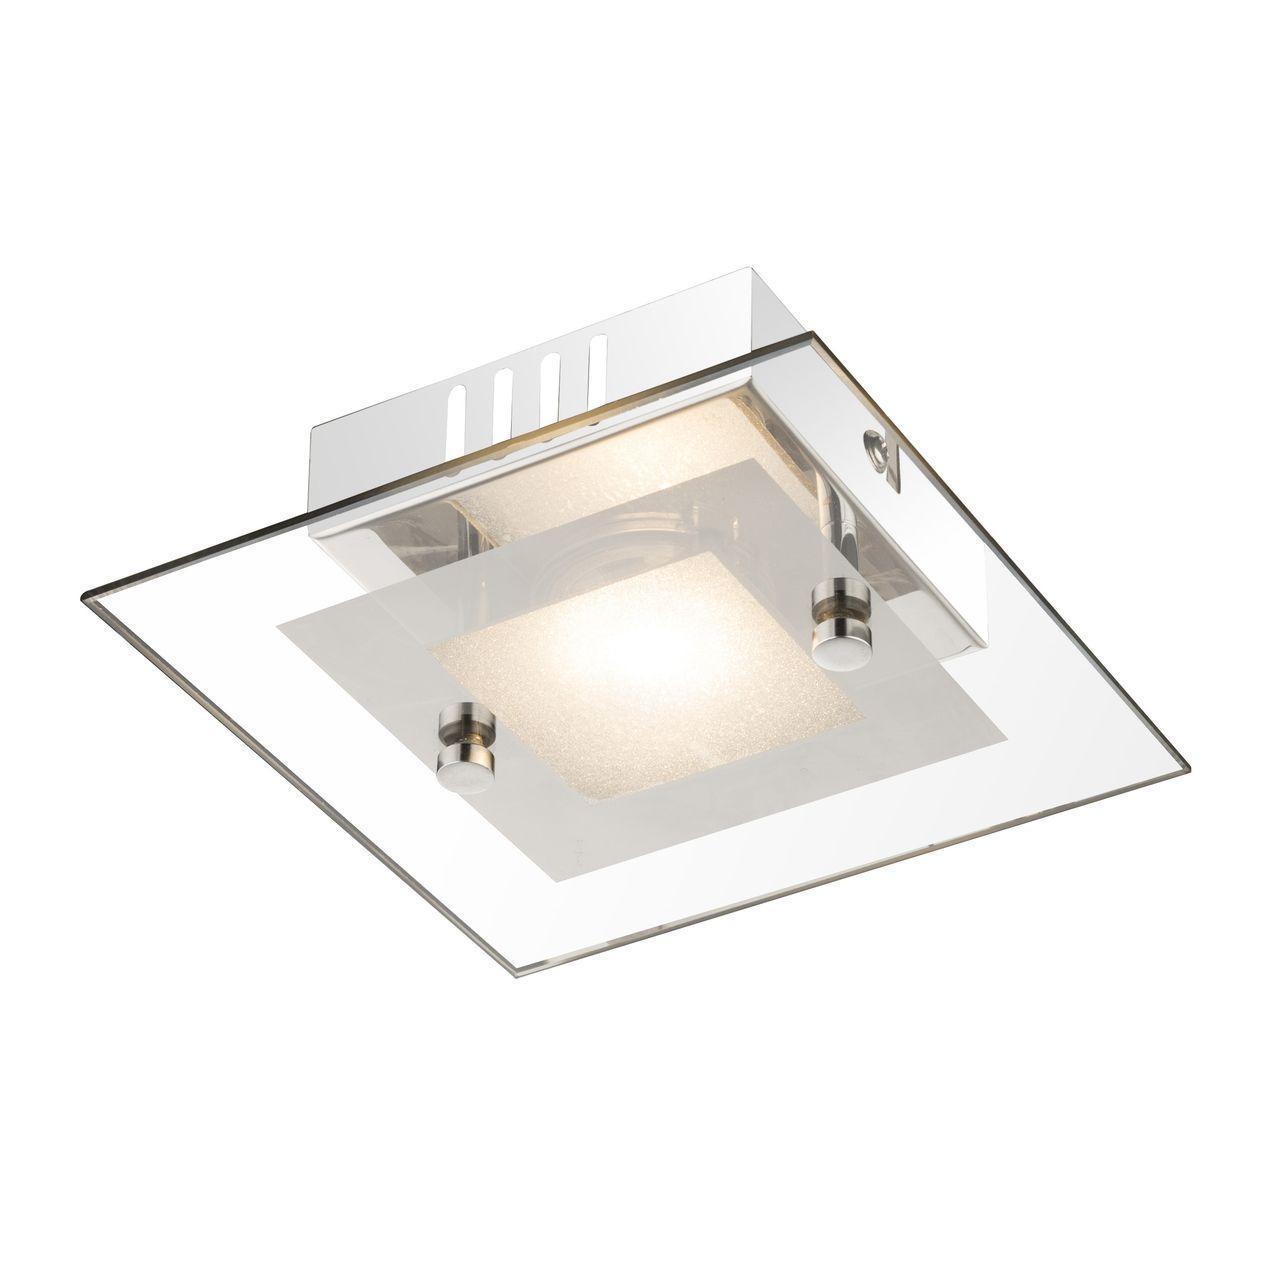 Потолочный светодиодный светильник Globo Light 49239-1 светильник потолочный globo light 49239 4